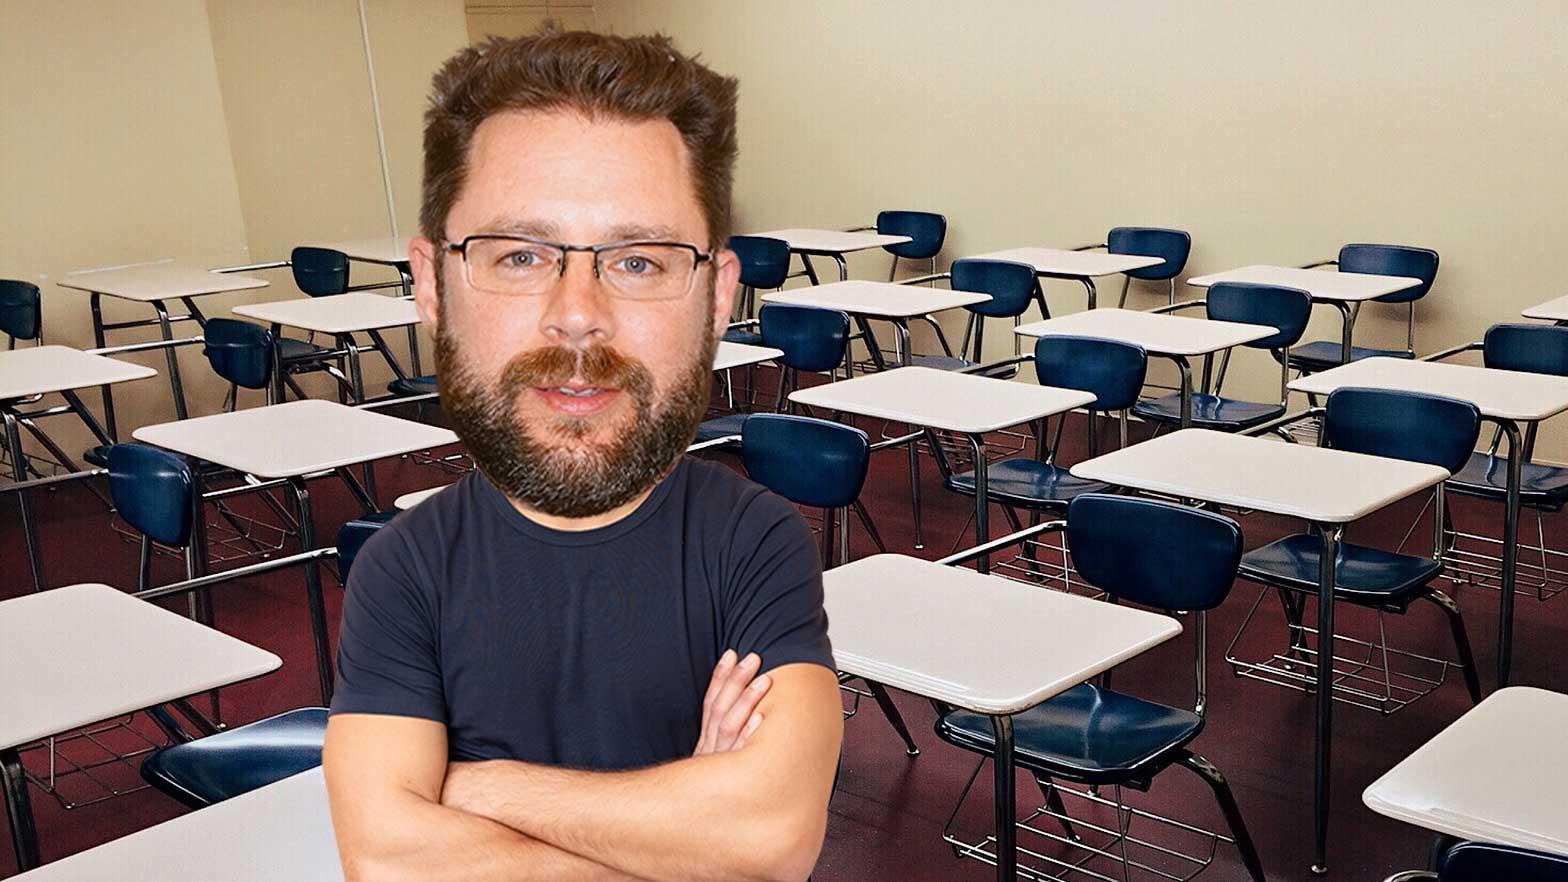 Papa, pourquoi les murs de ma classe sont blancs